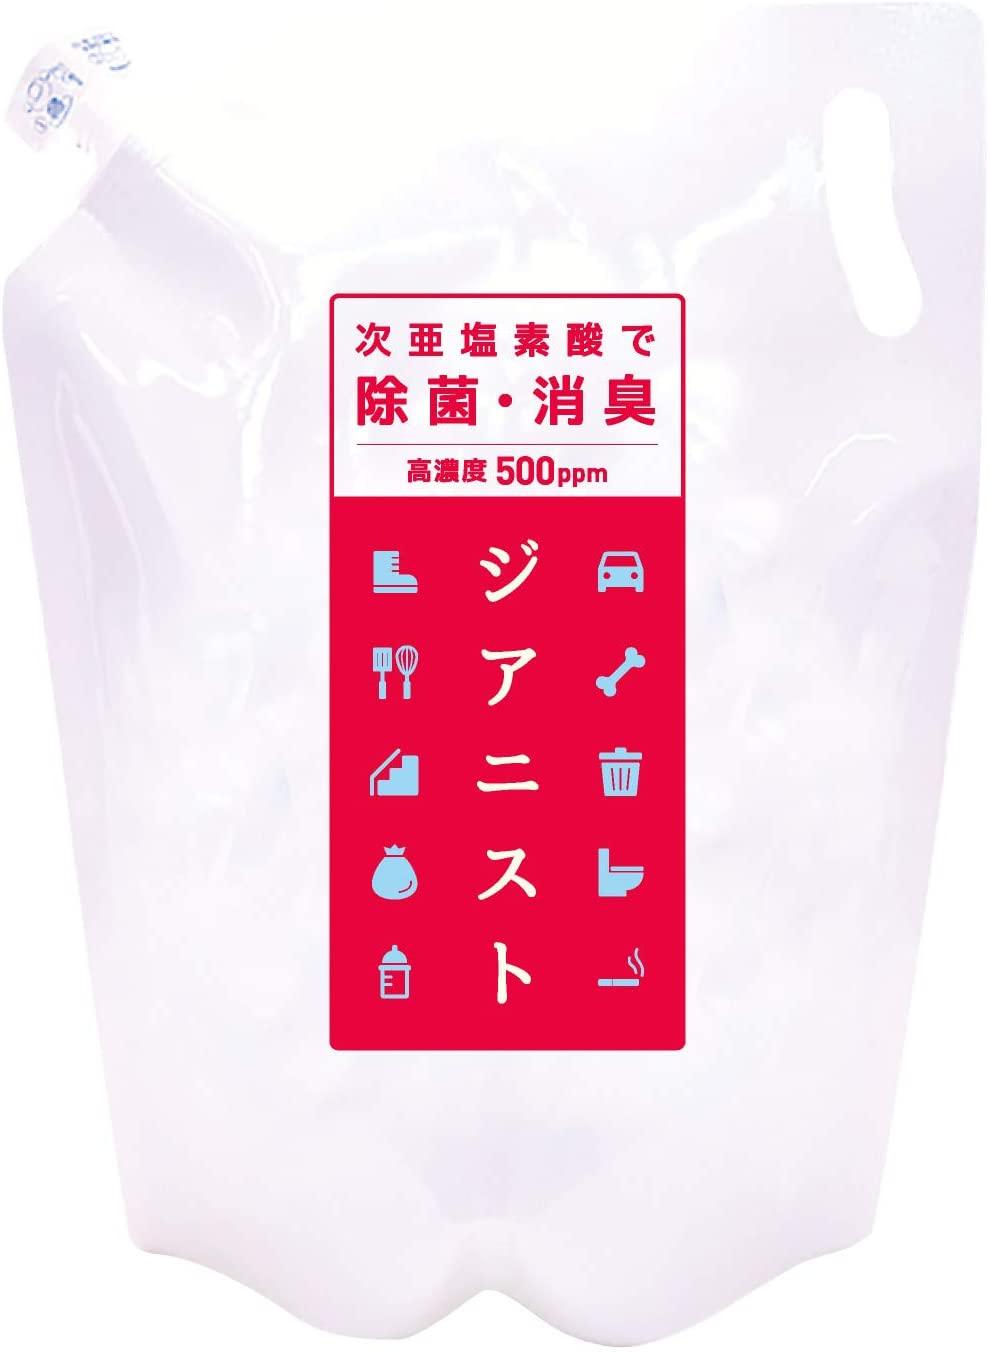 ジアニスト除菌スプレーの商品画像